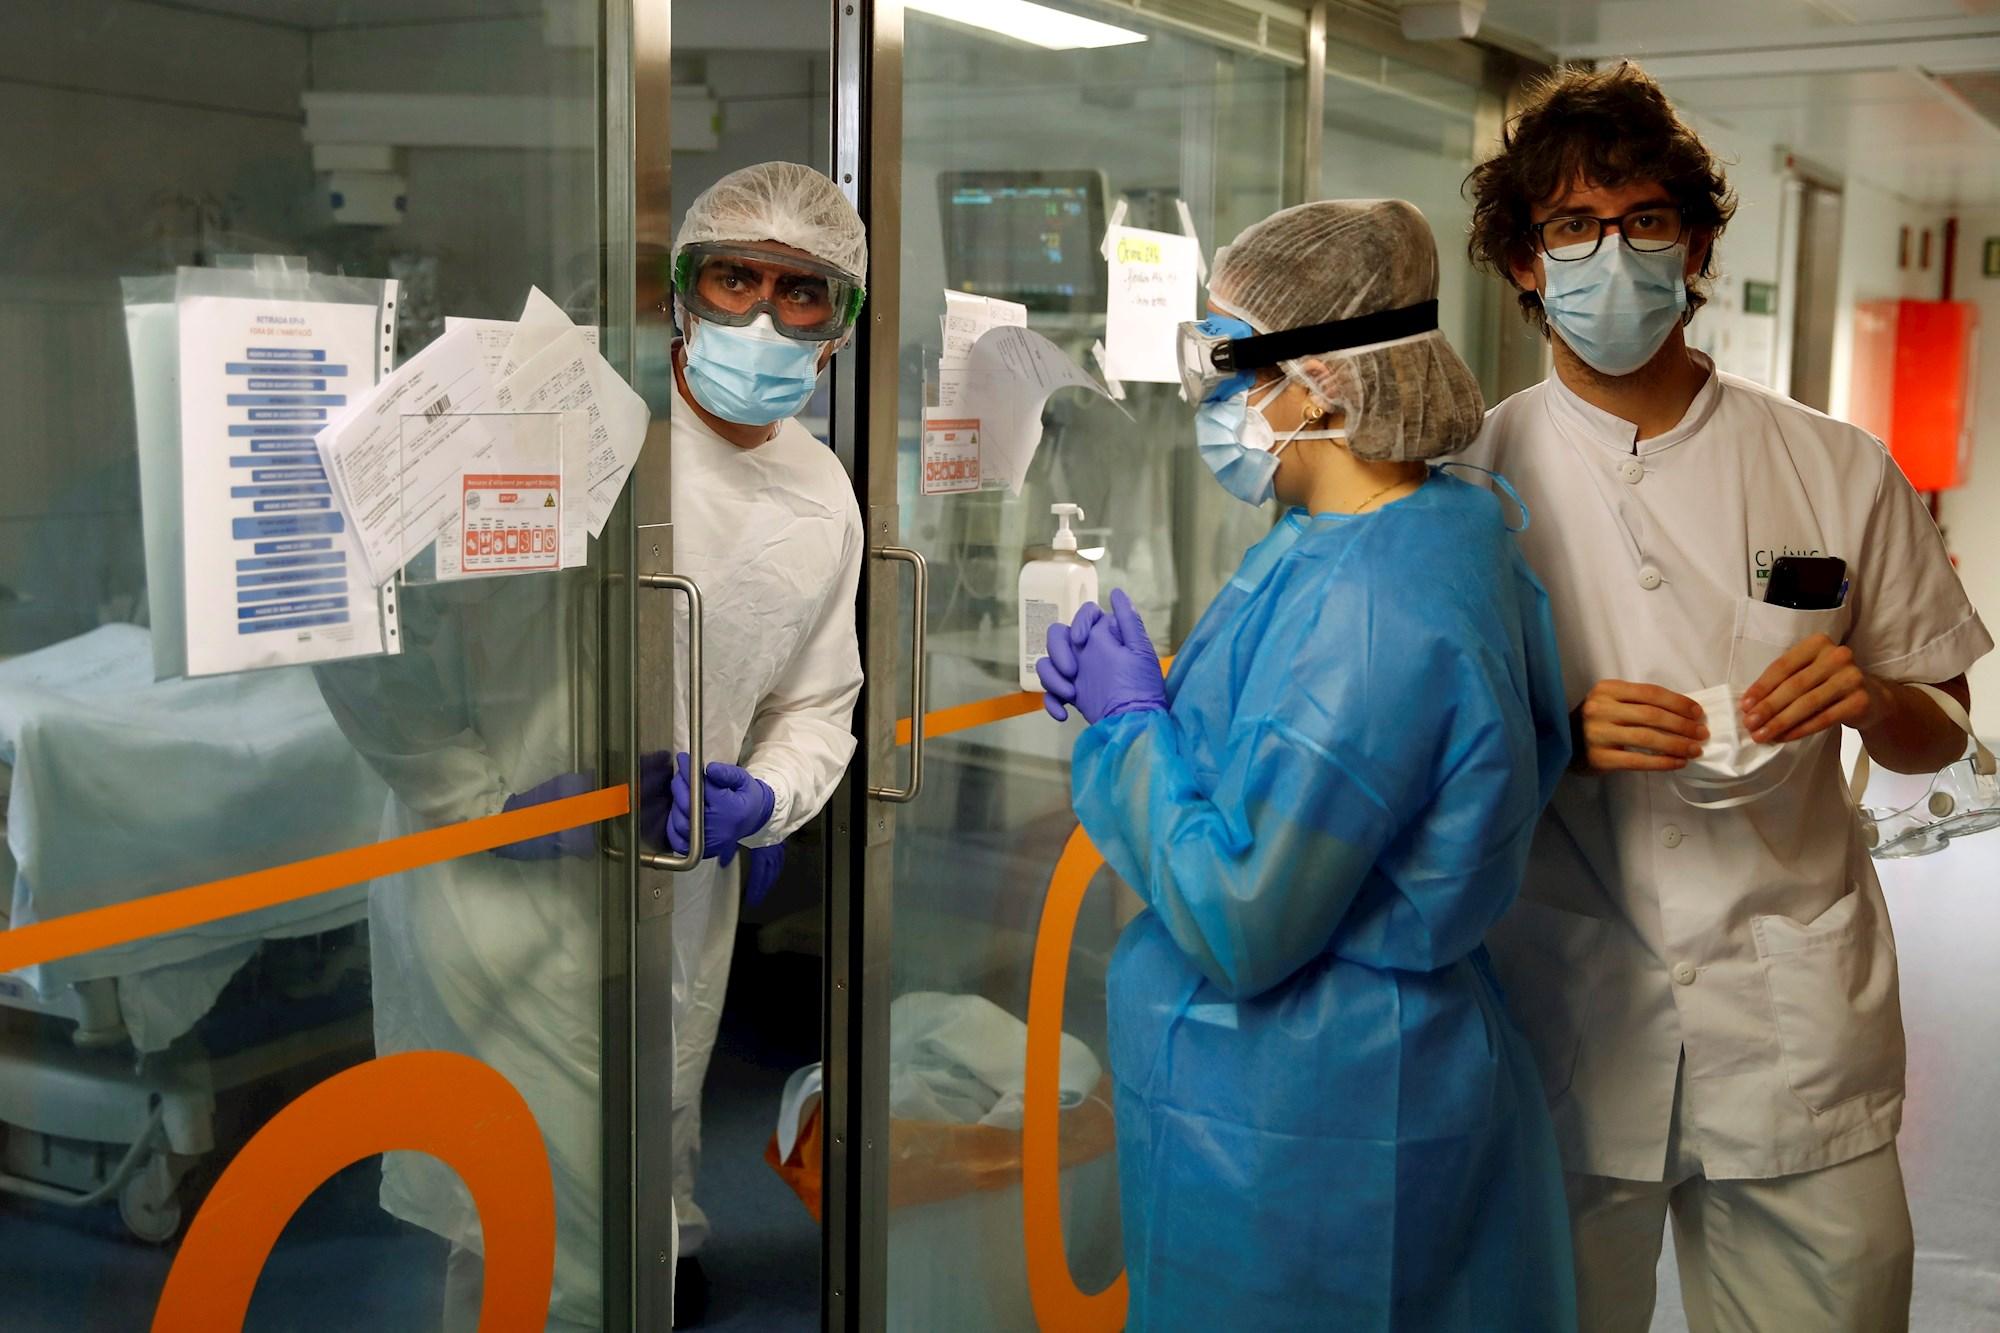 Profesionales sanitarios en una UCI del Hospital Clínic de Barcelona, el 19 de enero de 2021, en plena tercera ola de coronavirus en Cataluña | EFE/TA